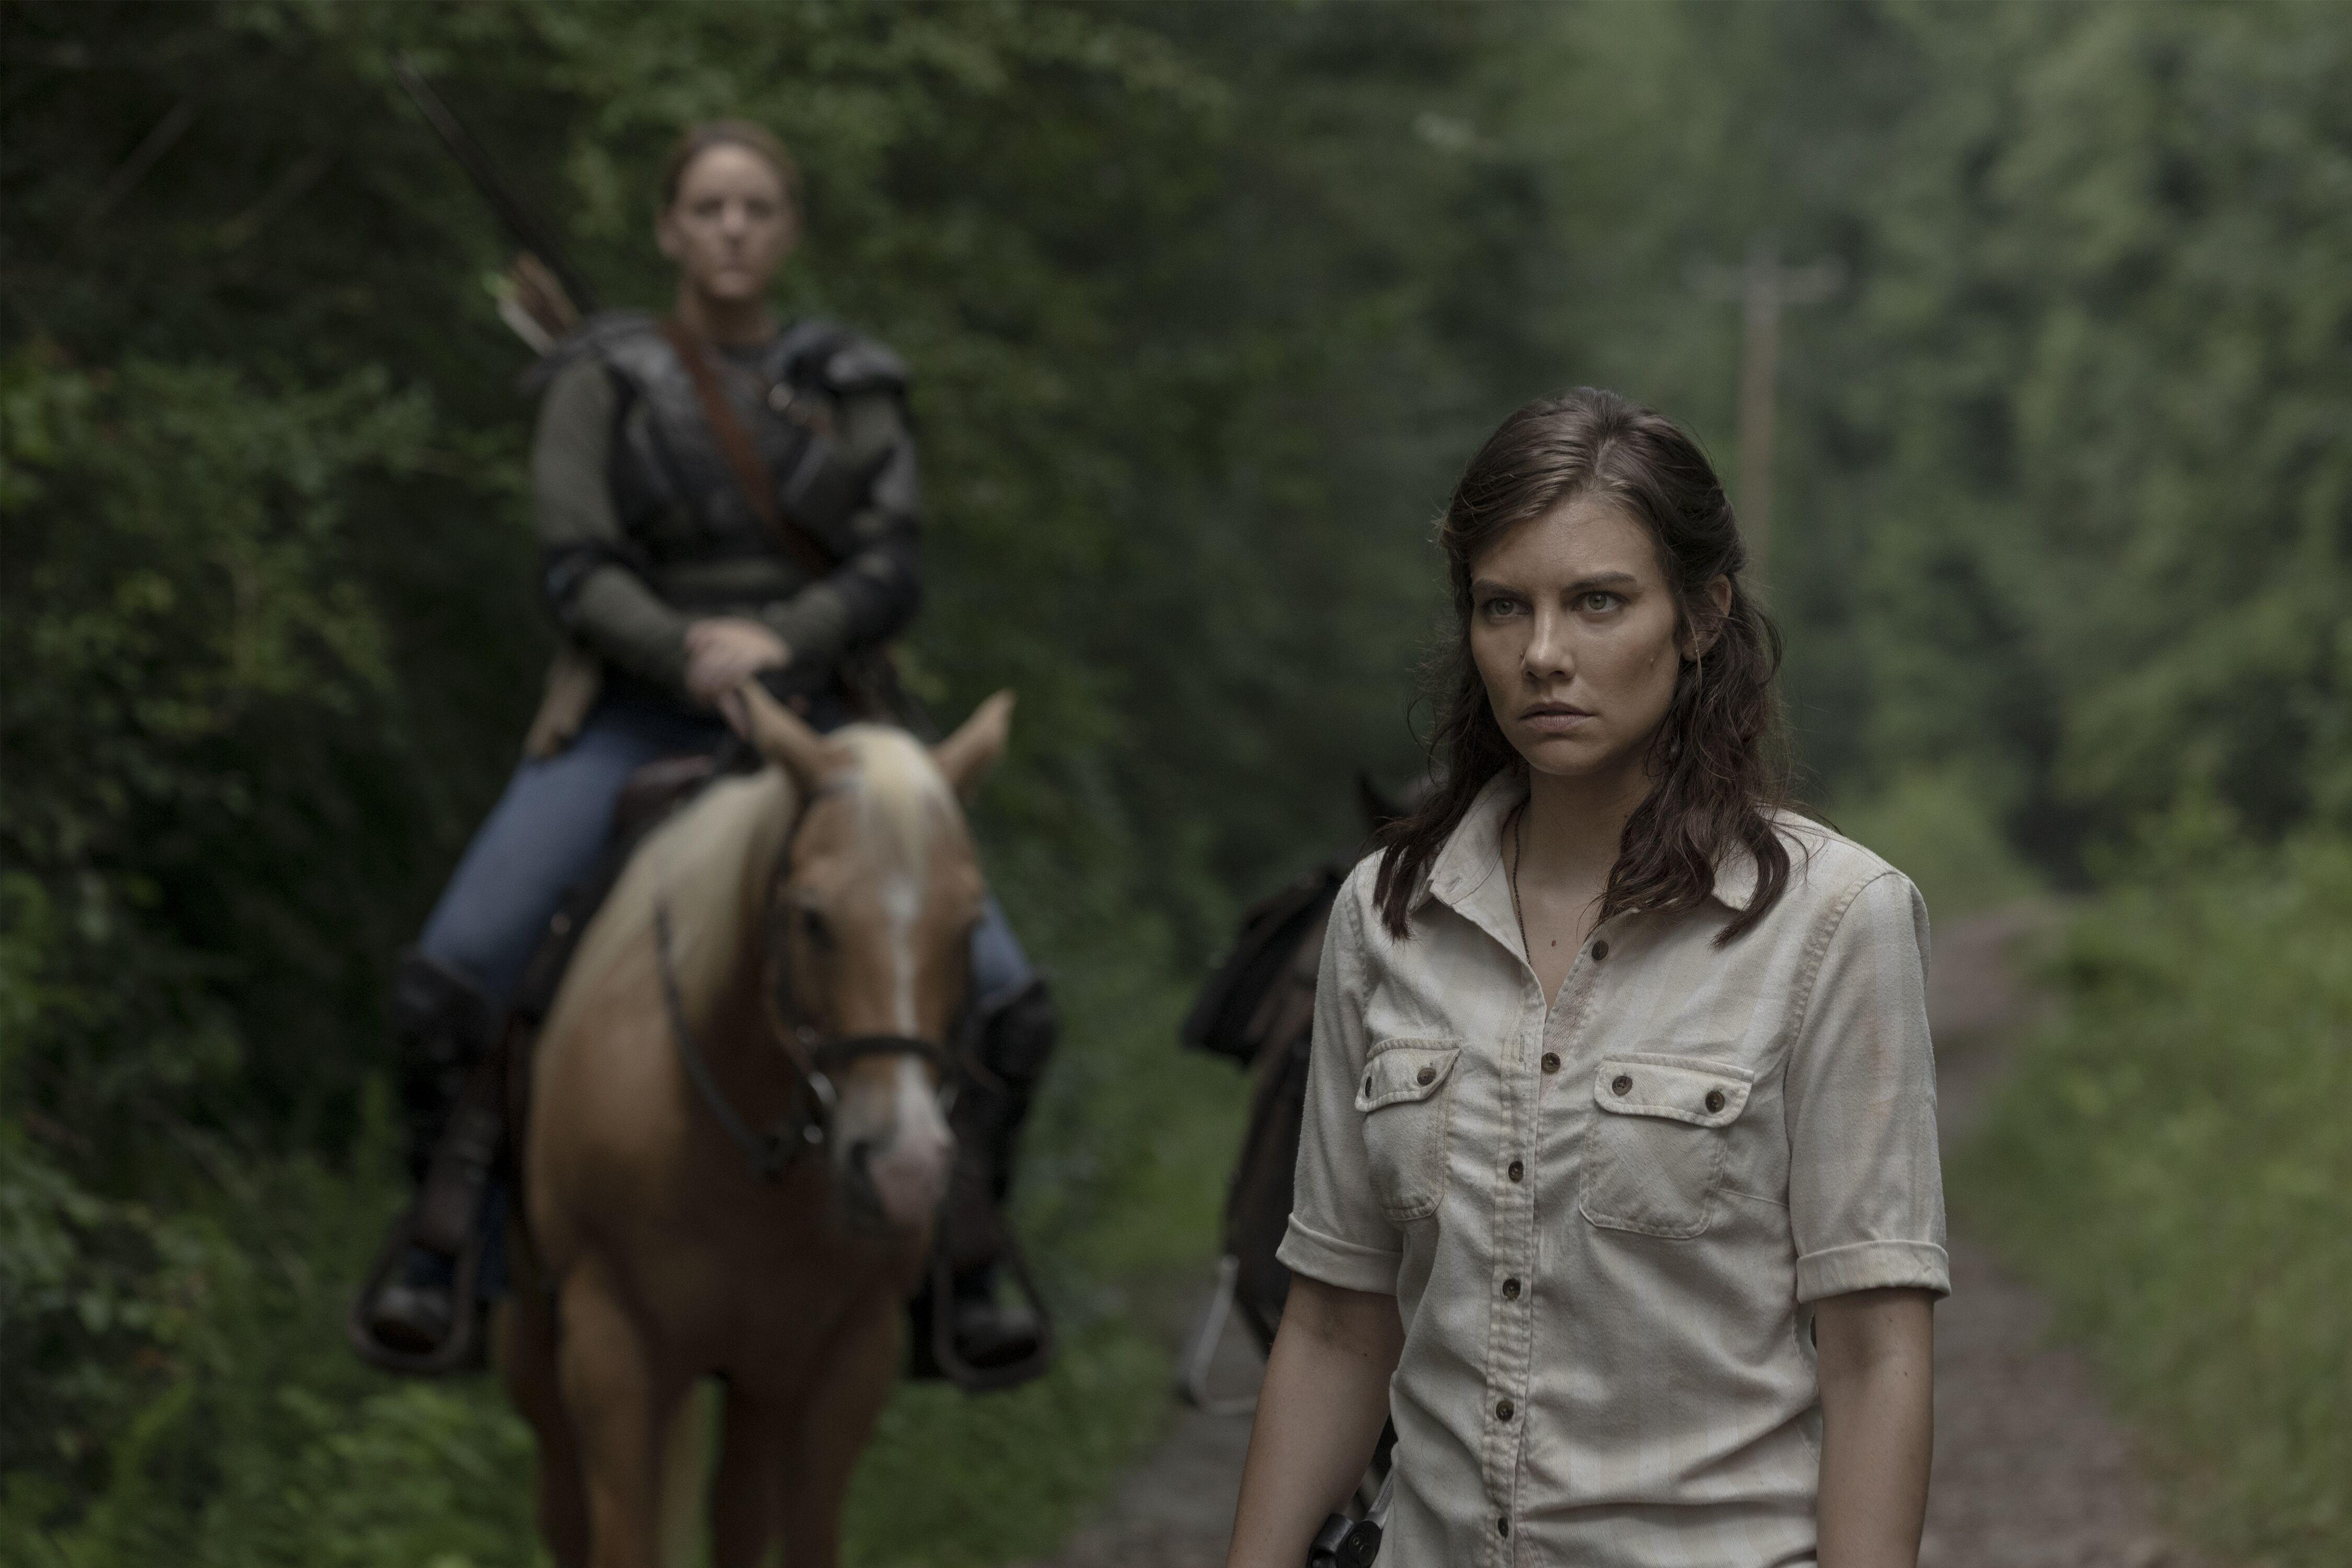 When is Lauren Cohan returning to The Walking Dead?